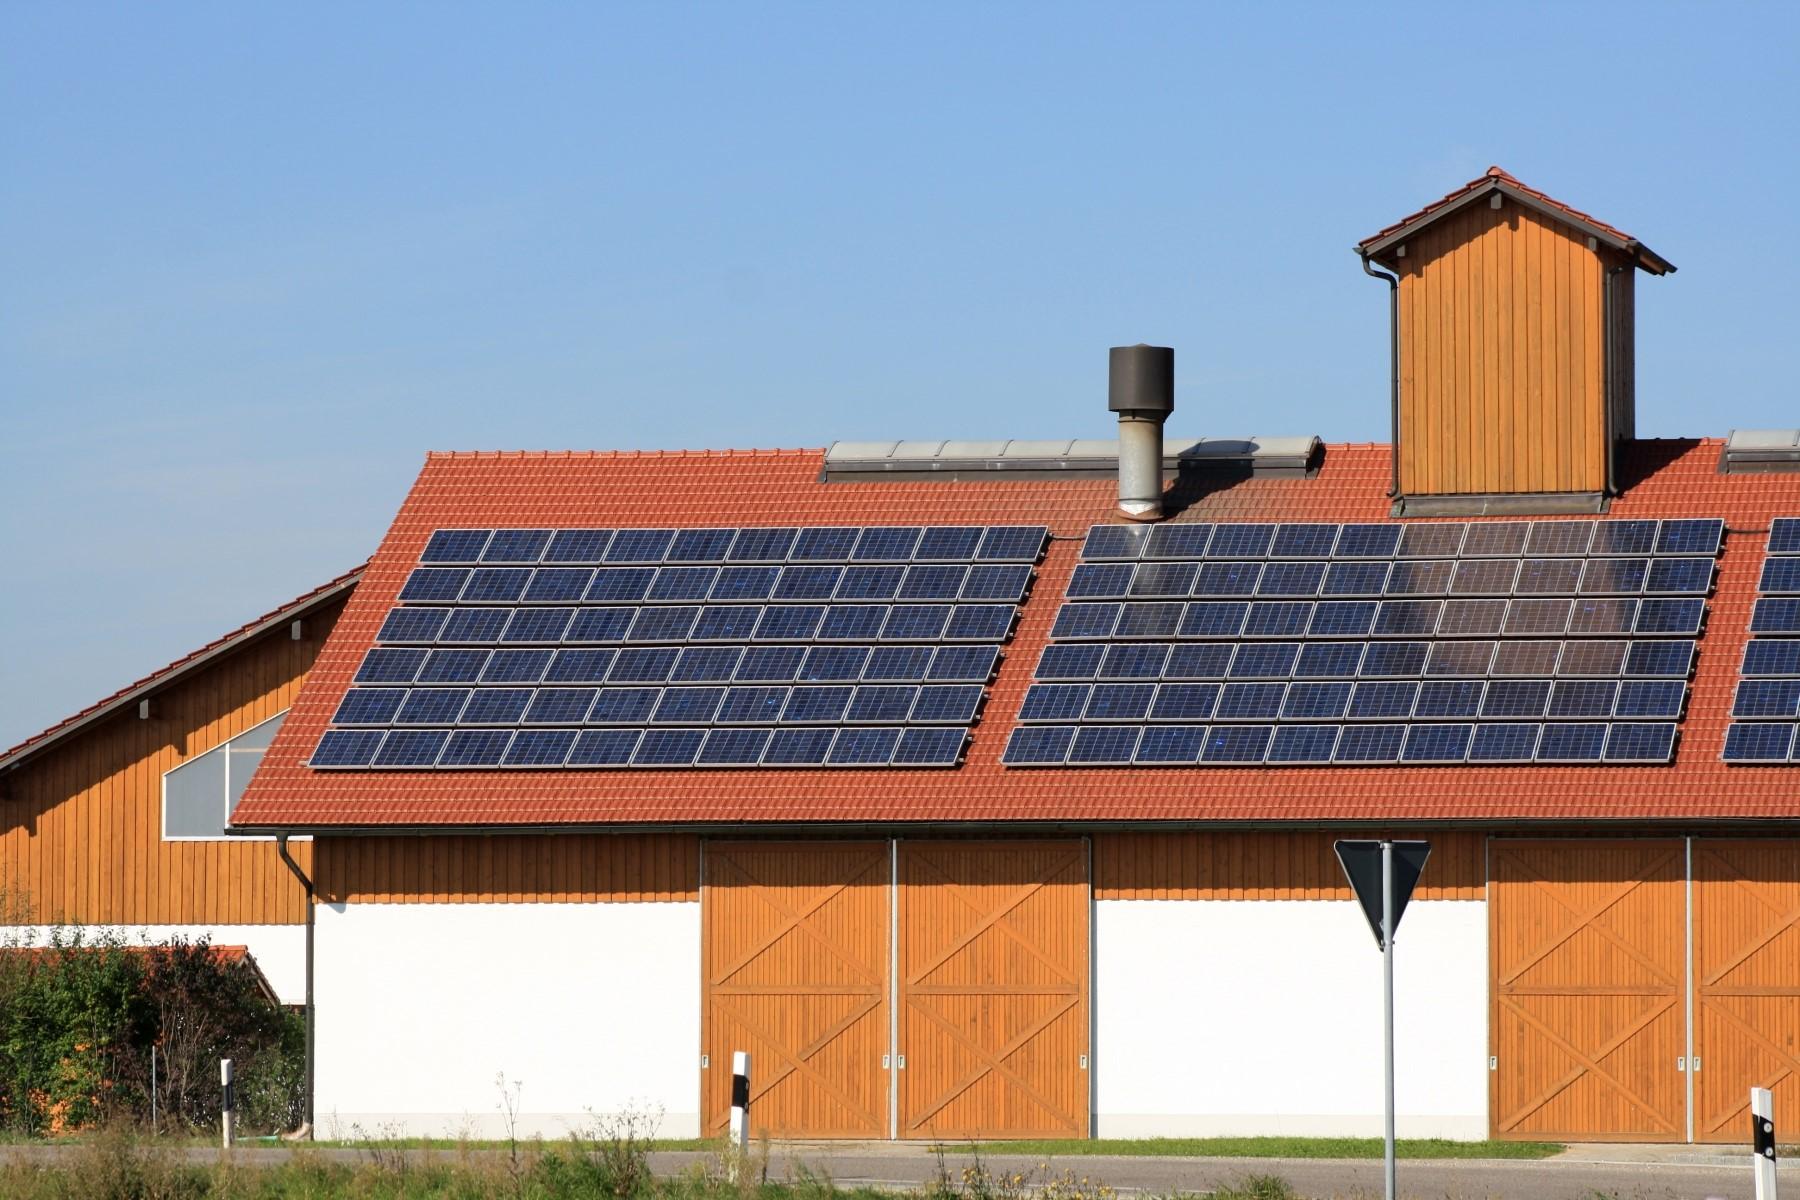 Energiskatten för solproducerad el